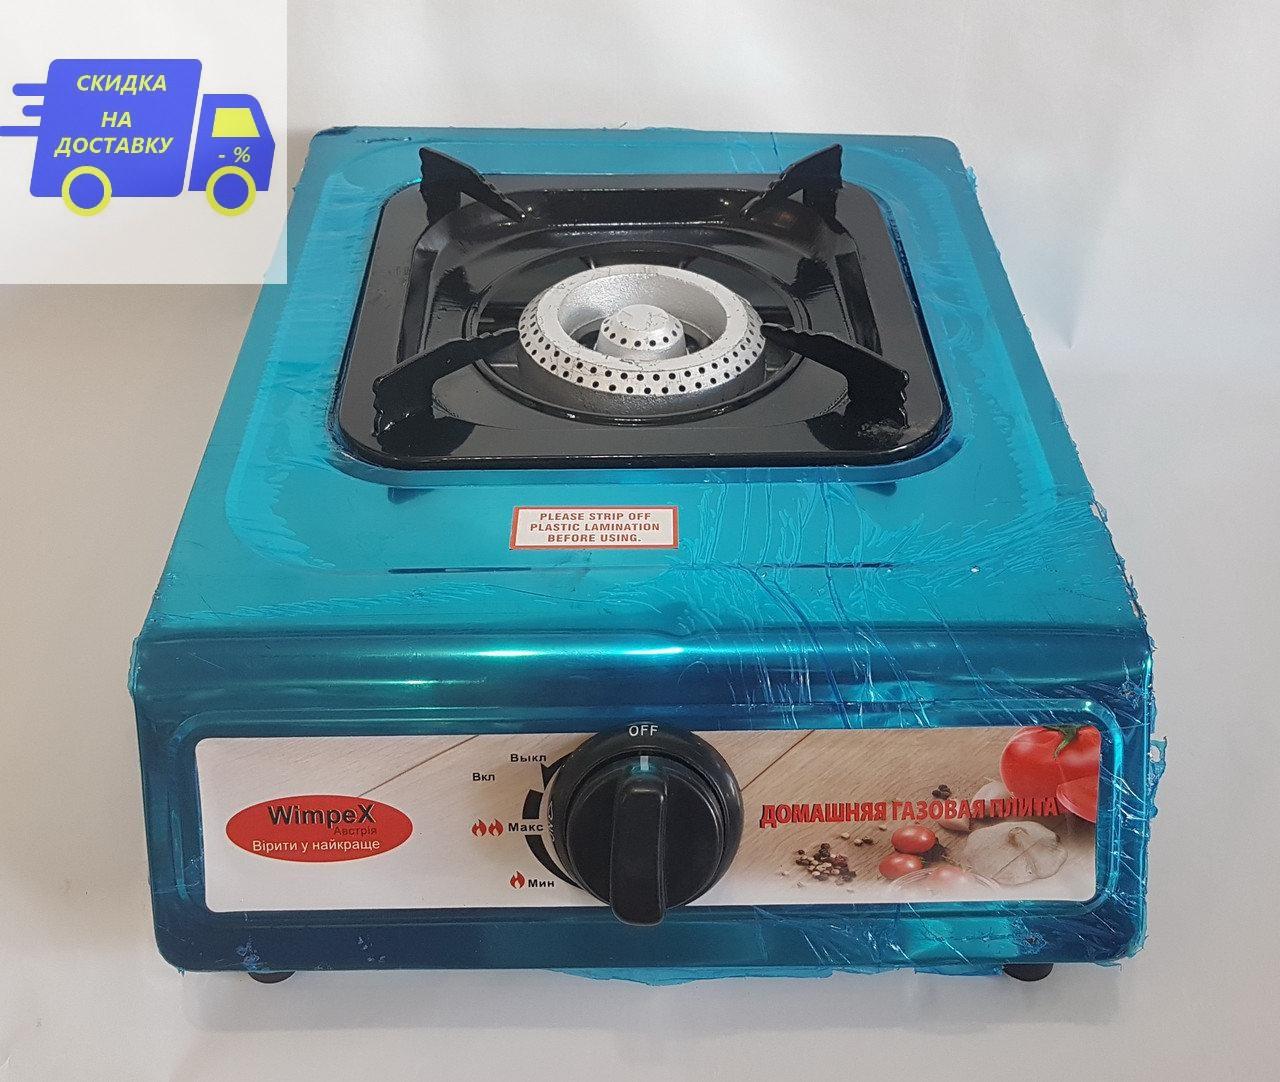 Газовая плита таганок Wimpex WX 1101 на 1 конфорку  с автоматическим поджогом